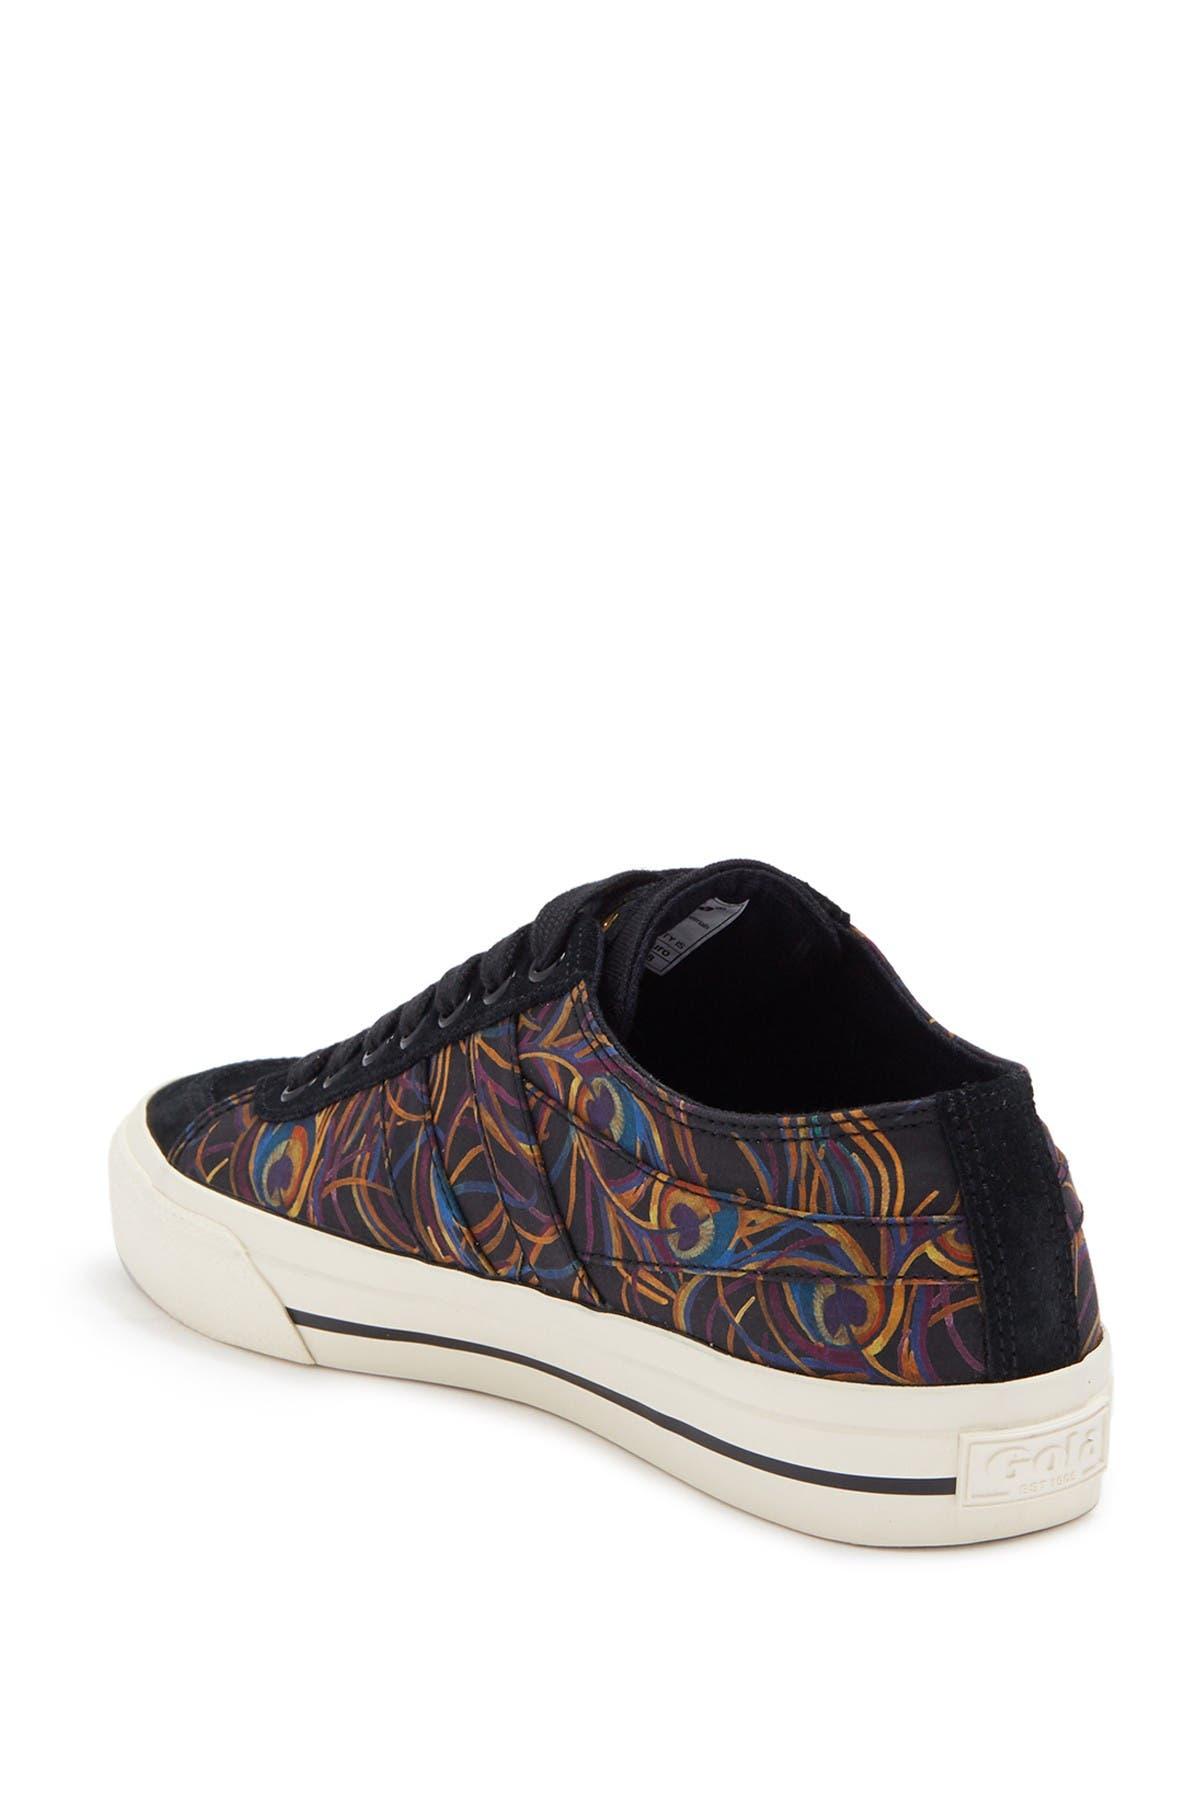 Image of Gola Quota II Liberty ID Sneaker